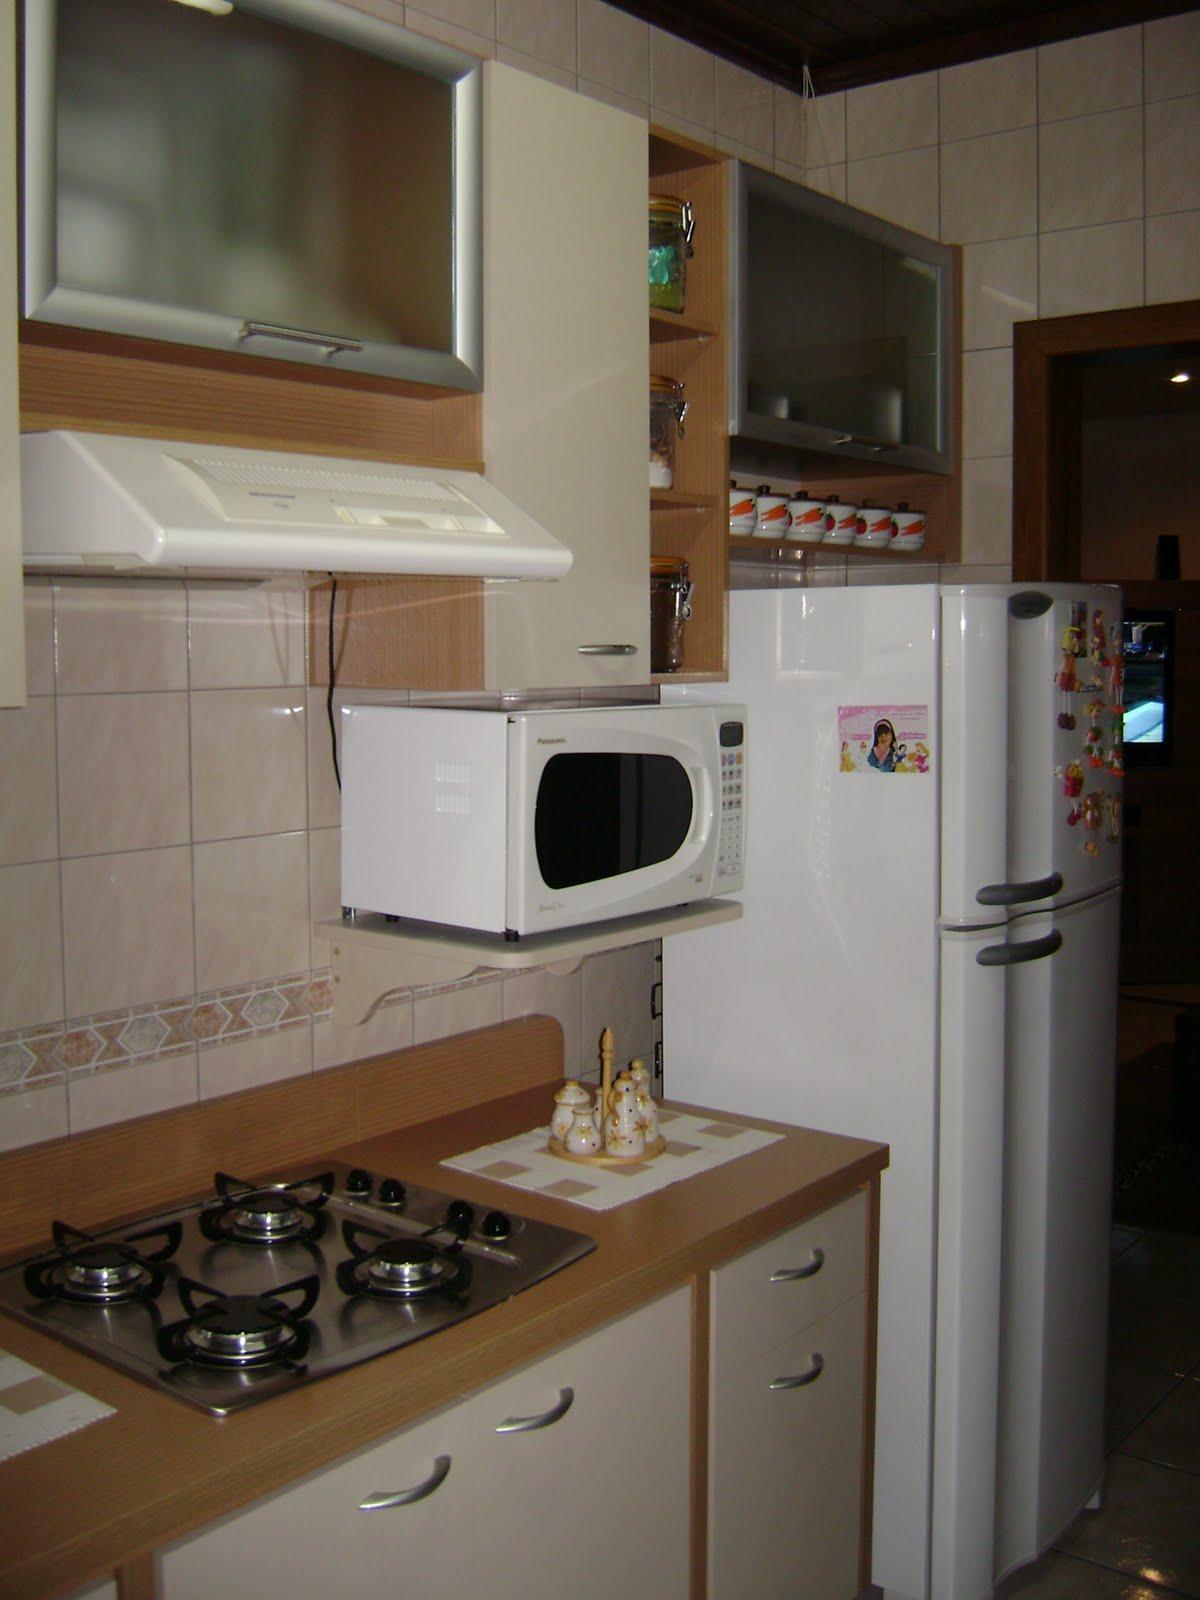 Só MDF Móveis Sob Medida: Cozinha armário aéreo com exaustor e  #614930 1200 1600